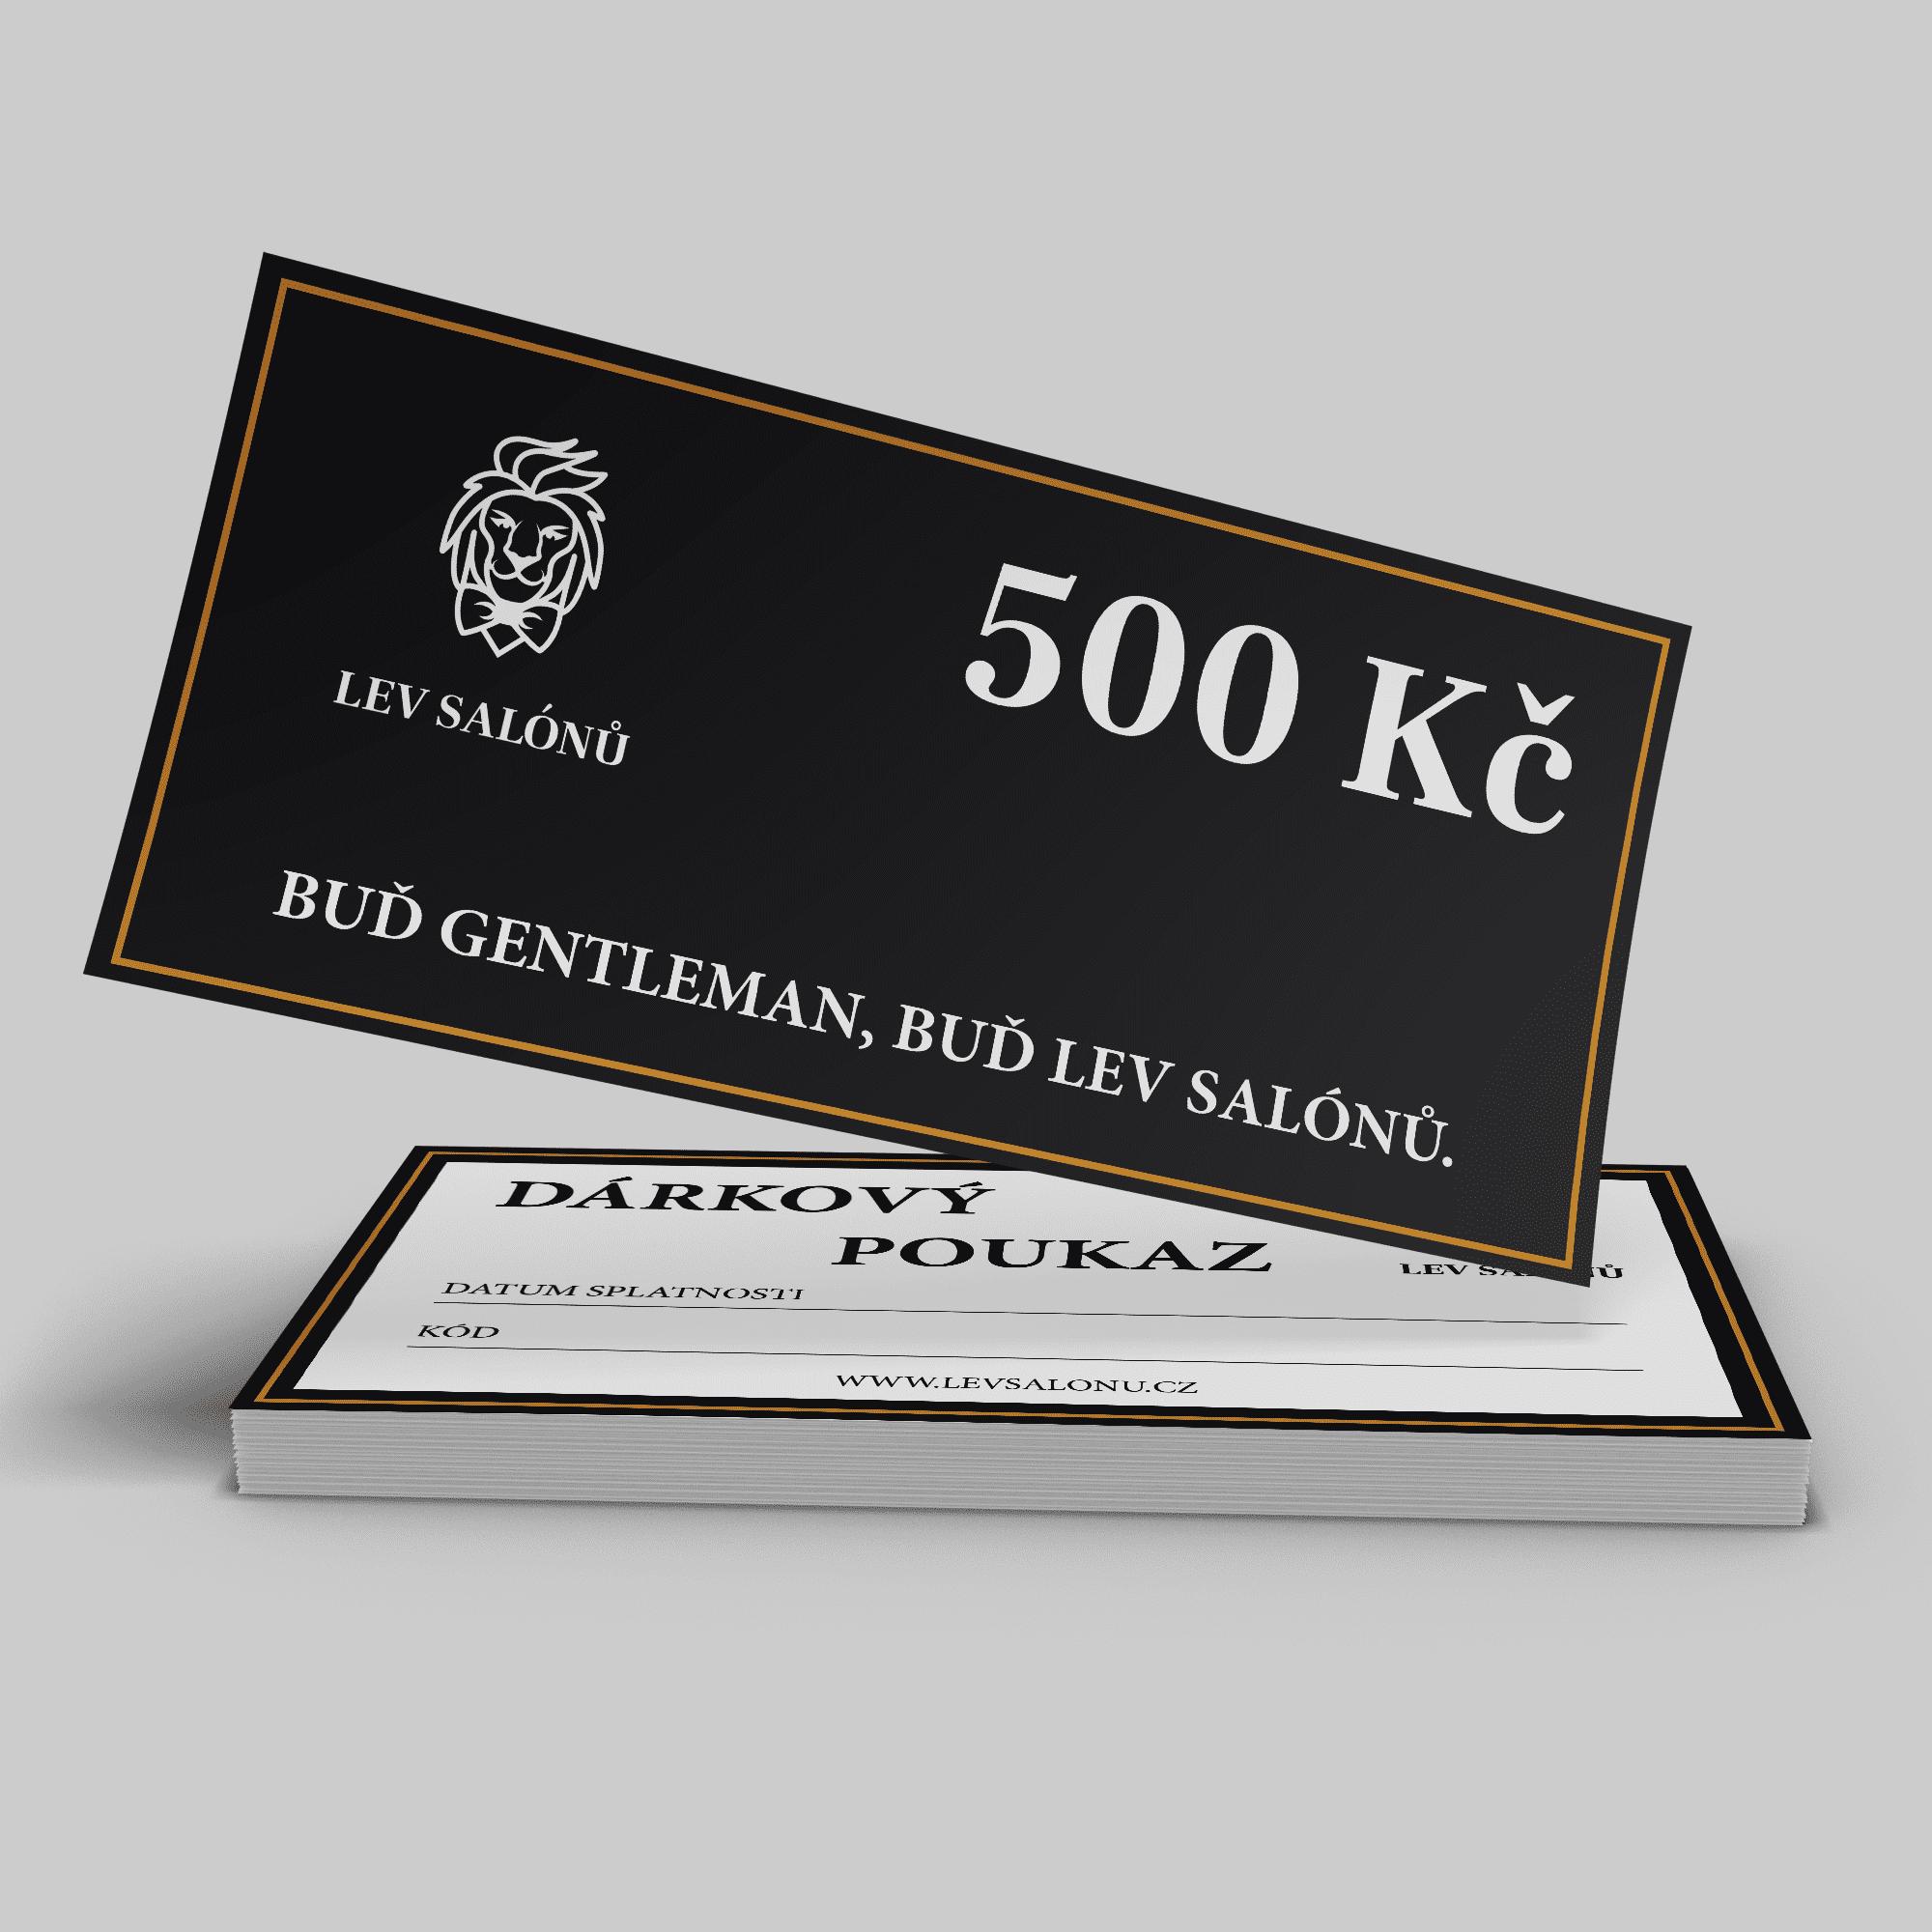 Darkovy poukaz 1500 kc  402839eb11